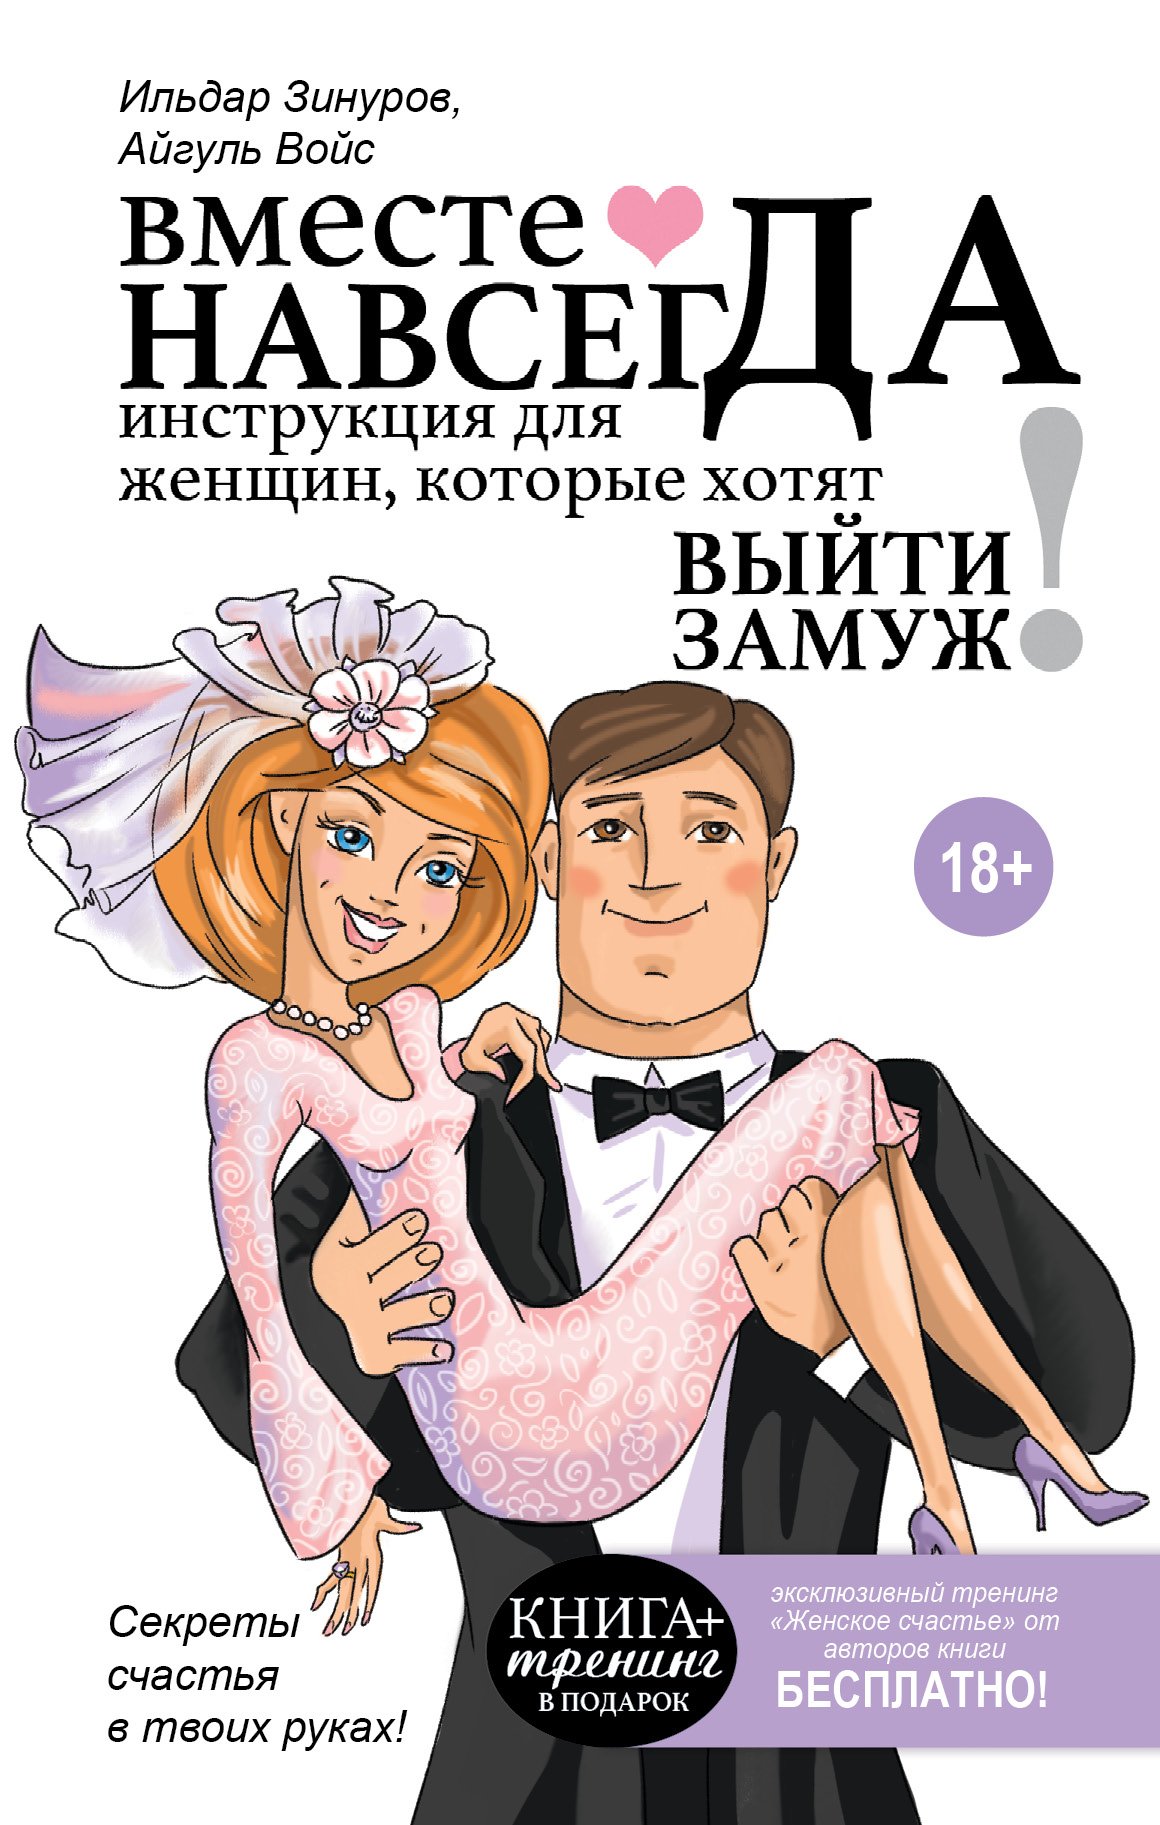 Ильдар Зинуров, Айгуль Зинурова Вместе навсегда. Инструкция для женщин, которые хотят выйти замуж укасова айгуль